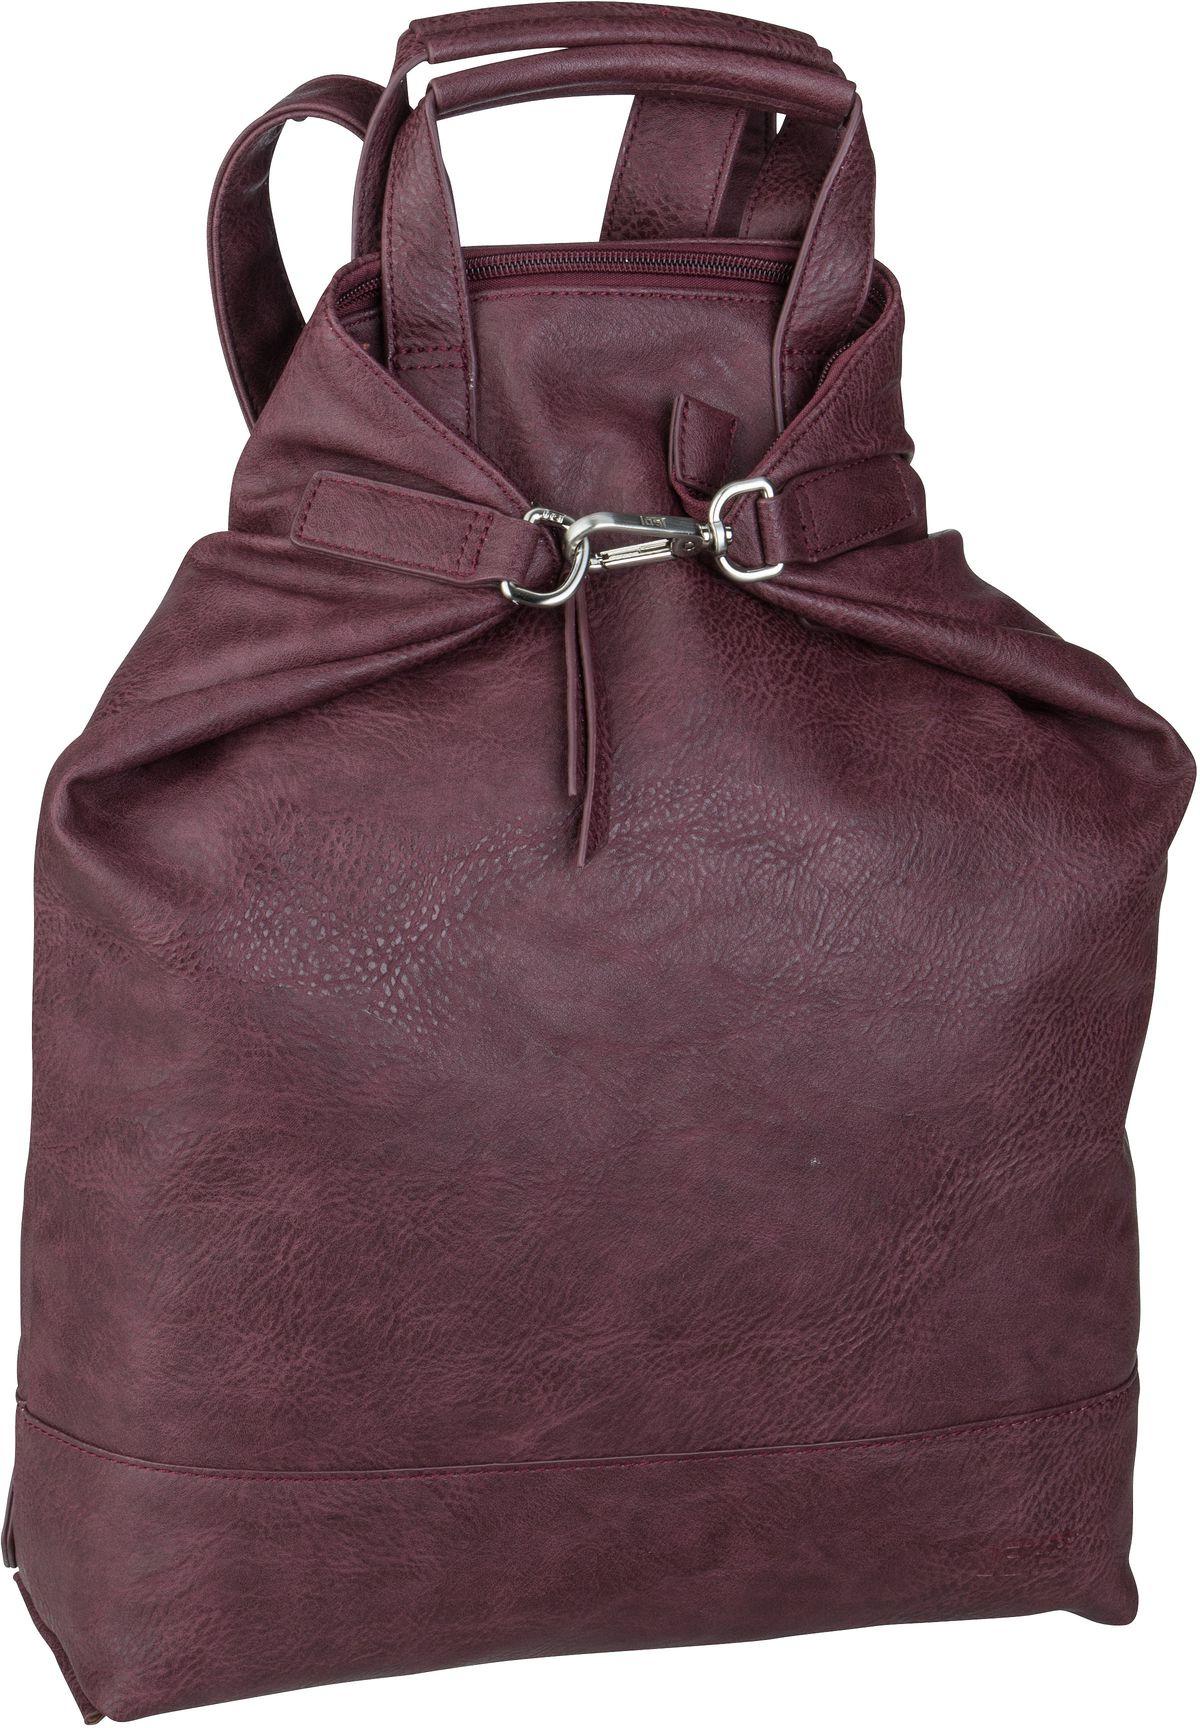 Rucksack / Daypack Merritt 2671 X-Change 3in1 Bag S Bordeaux